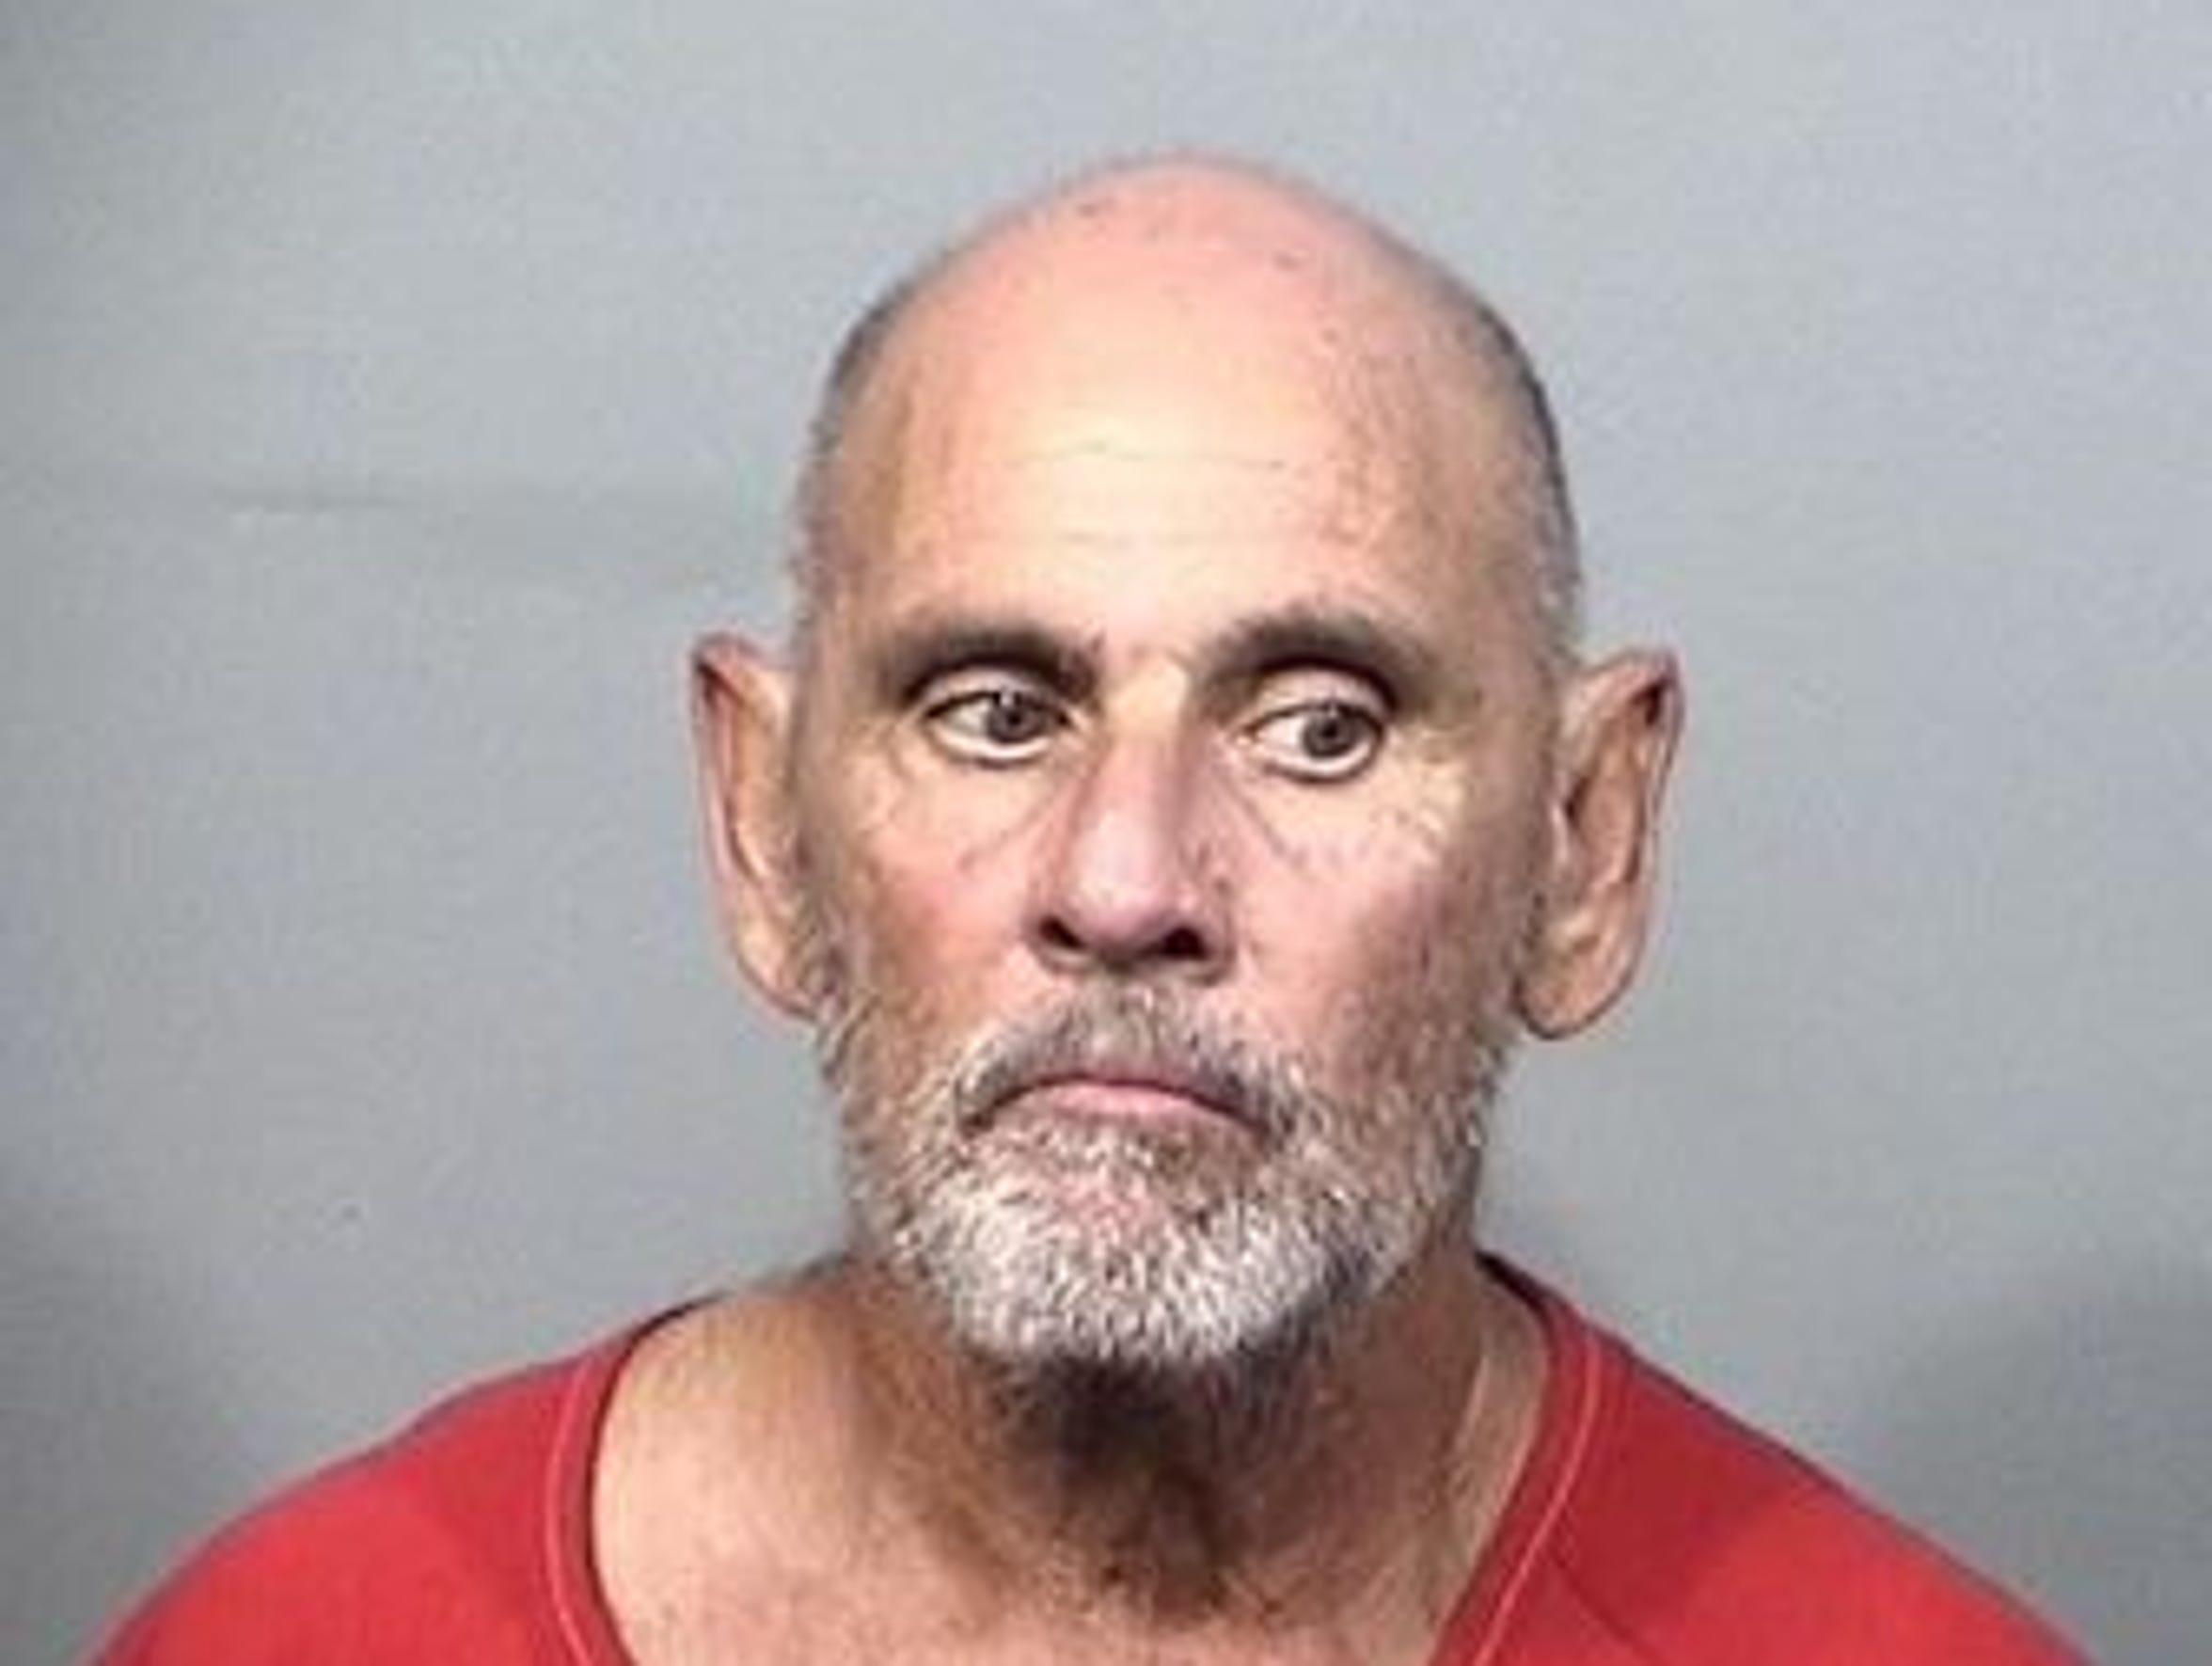 Dennis Creamer, 64